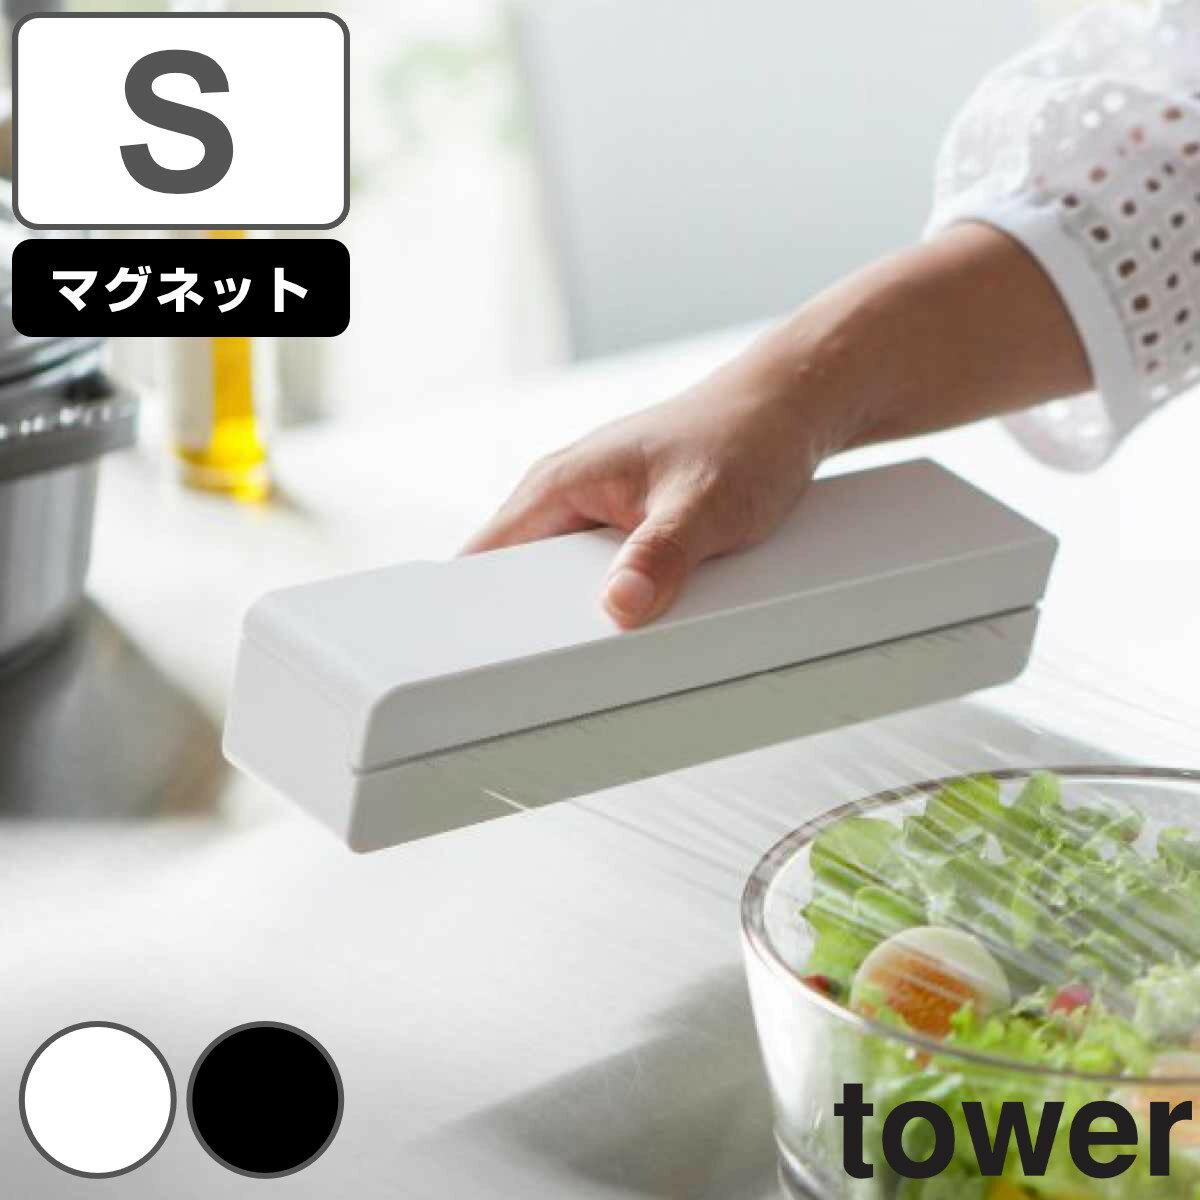 ラップホルダータワーtowerマグネットラップケースSホワイト(キッチン収納ラップマグネット式磁石キ